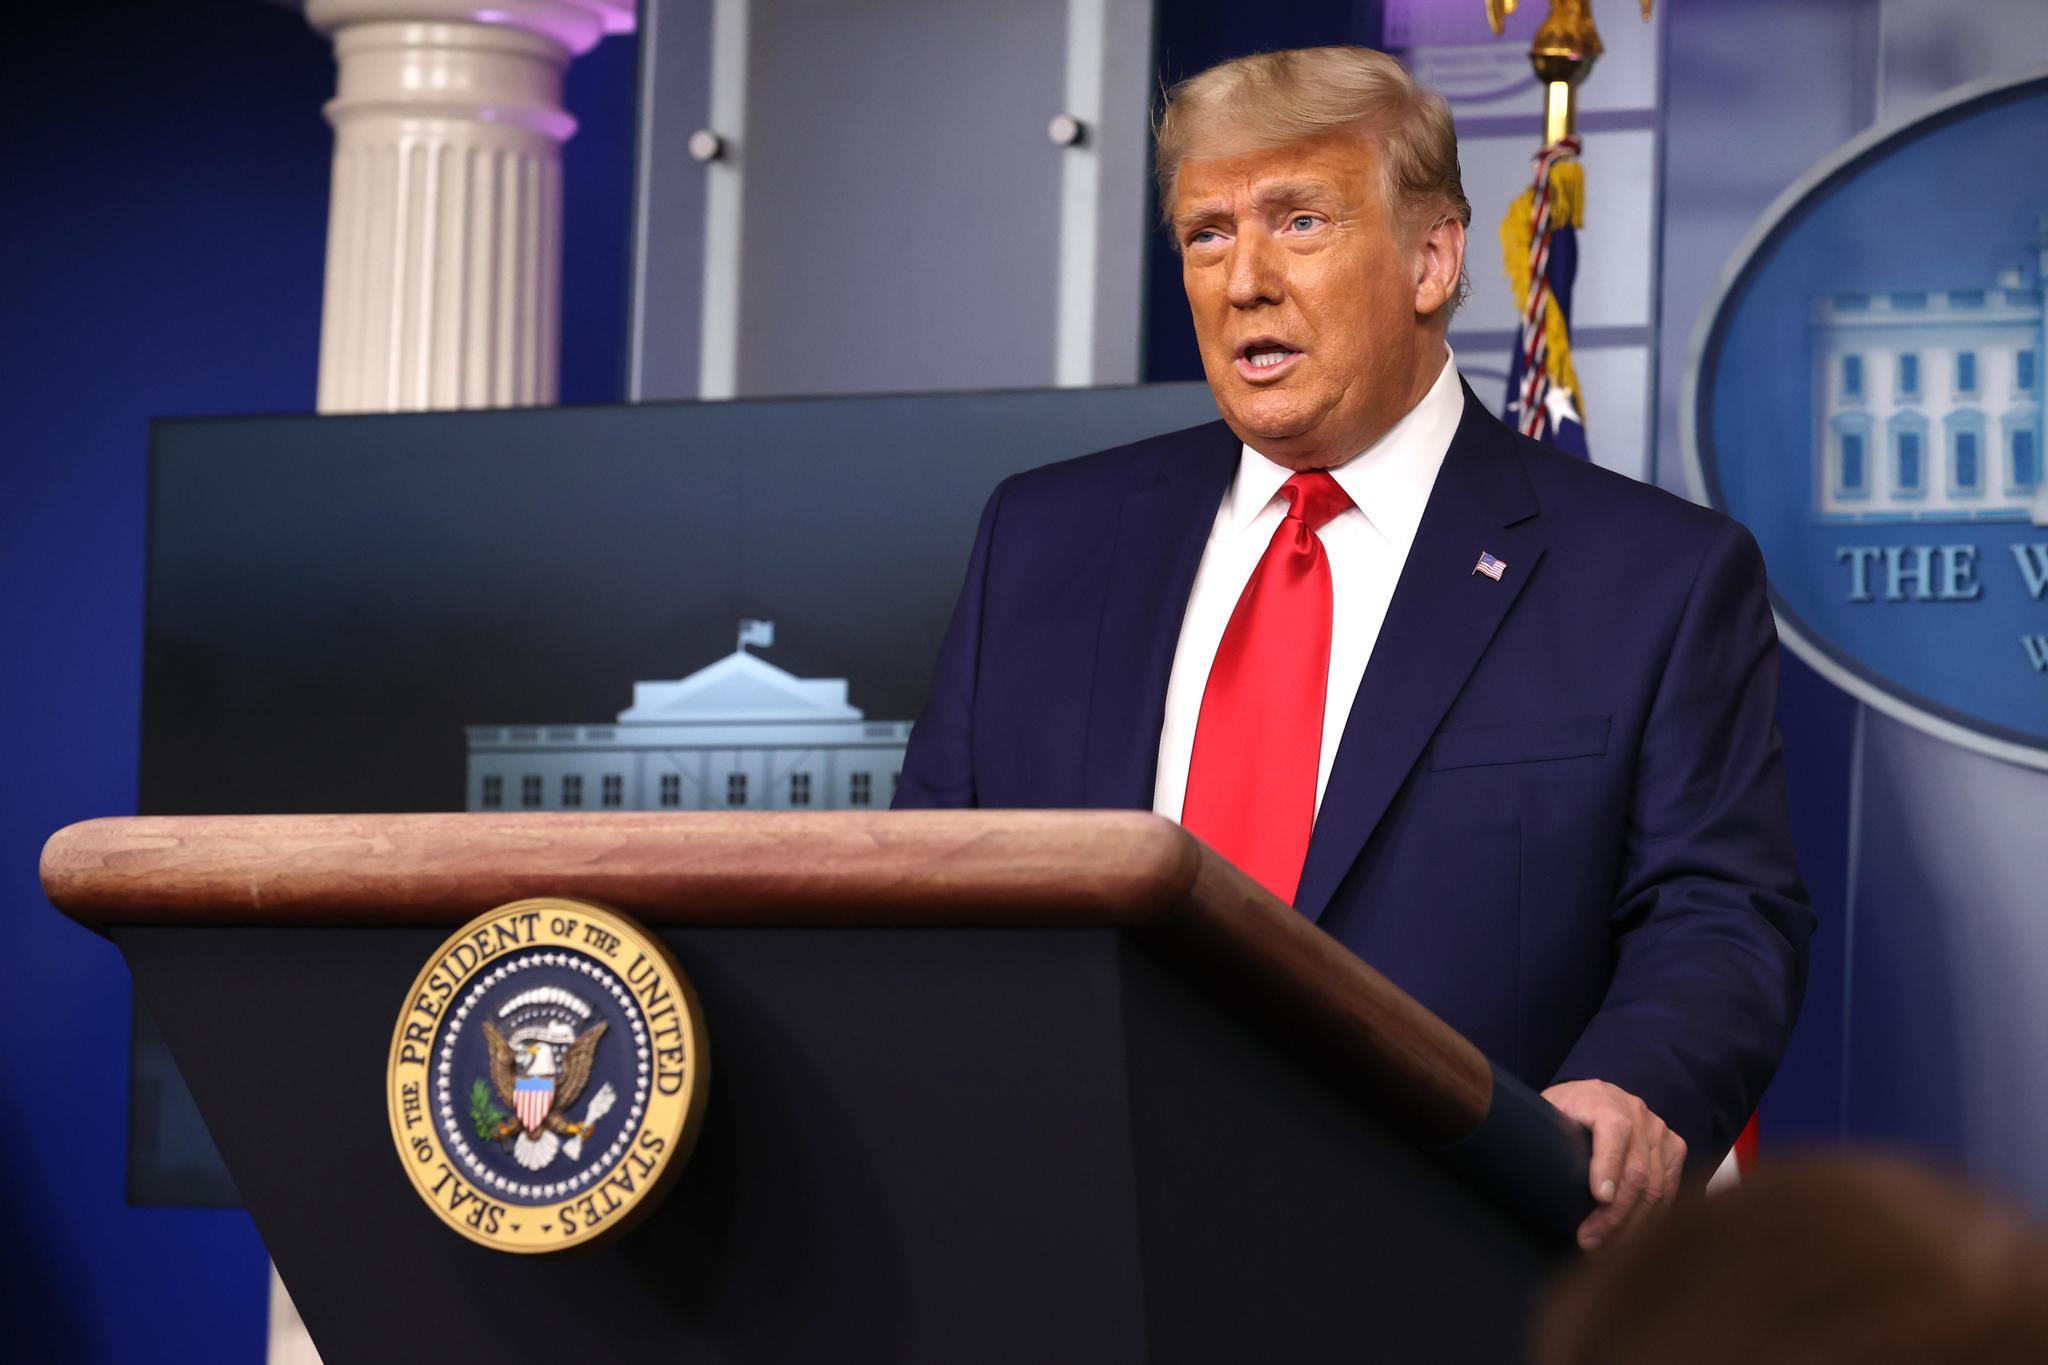 Donald Trump a dénoncé «une attaque odieuse» sur le Capitole, sans jamais évoquer sa responsabilité dans ce drame qui a terni l'image de l'Amérique à travers le monde.